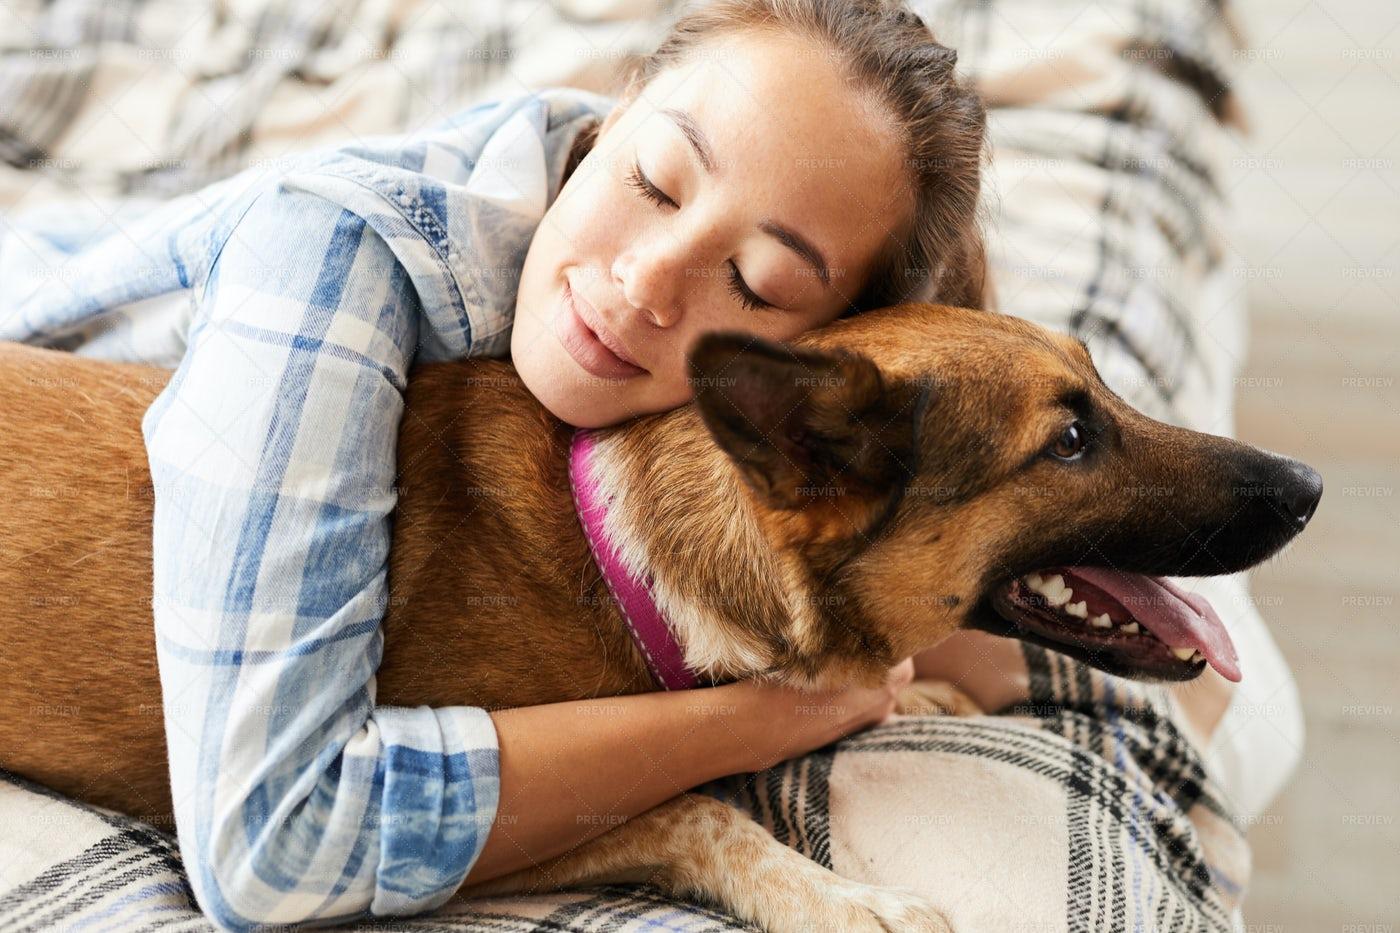 Asian Woman Embracing Dog: Stock Photos